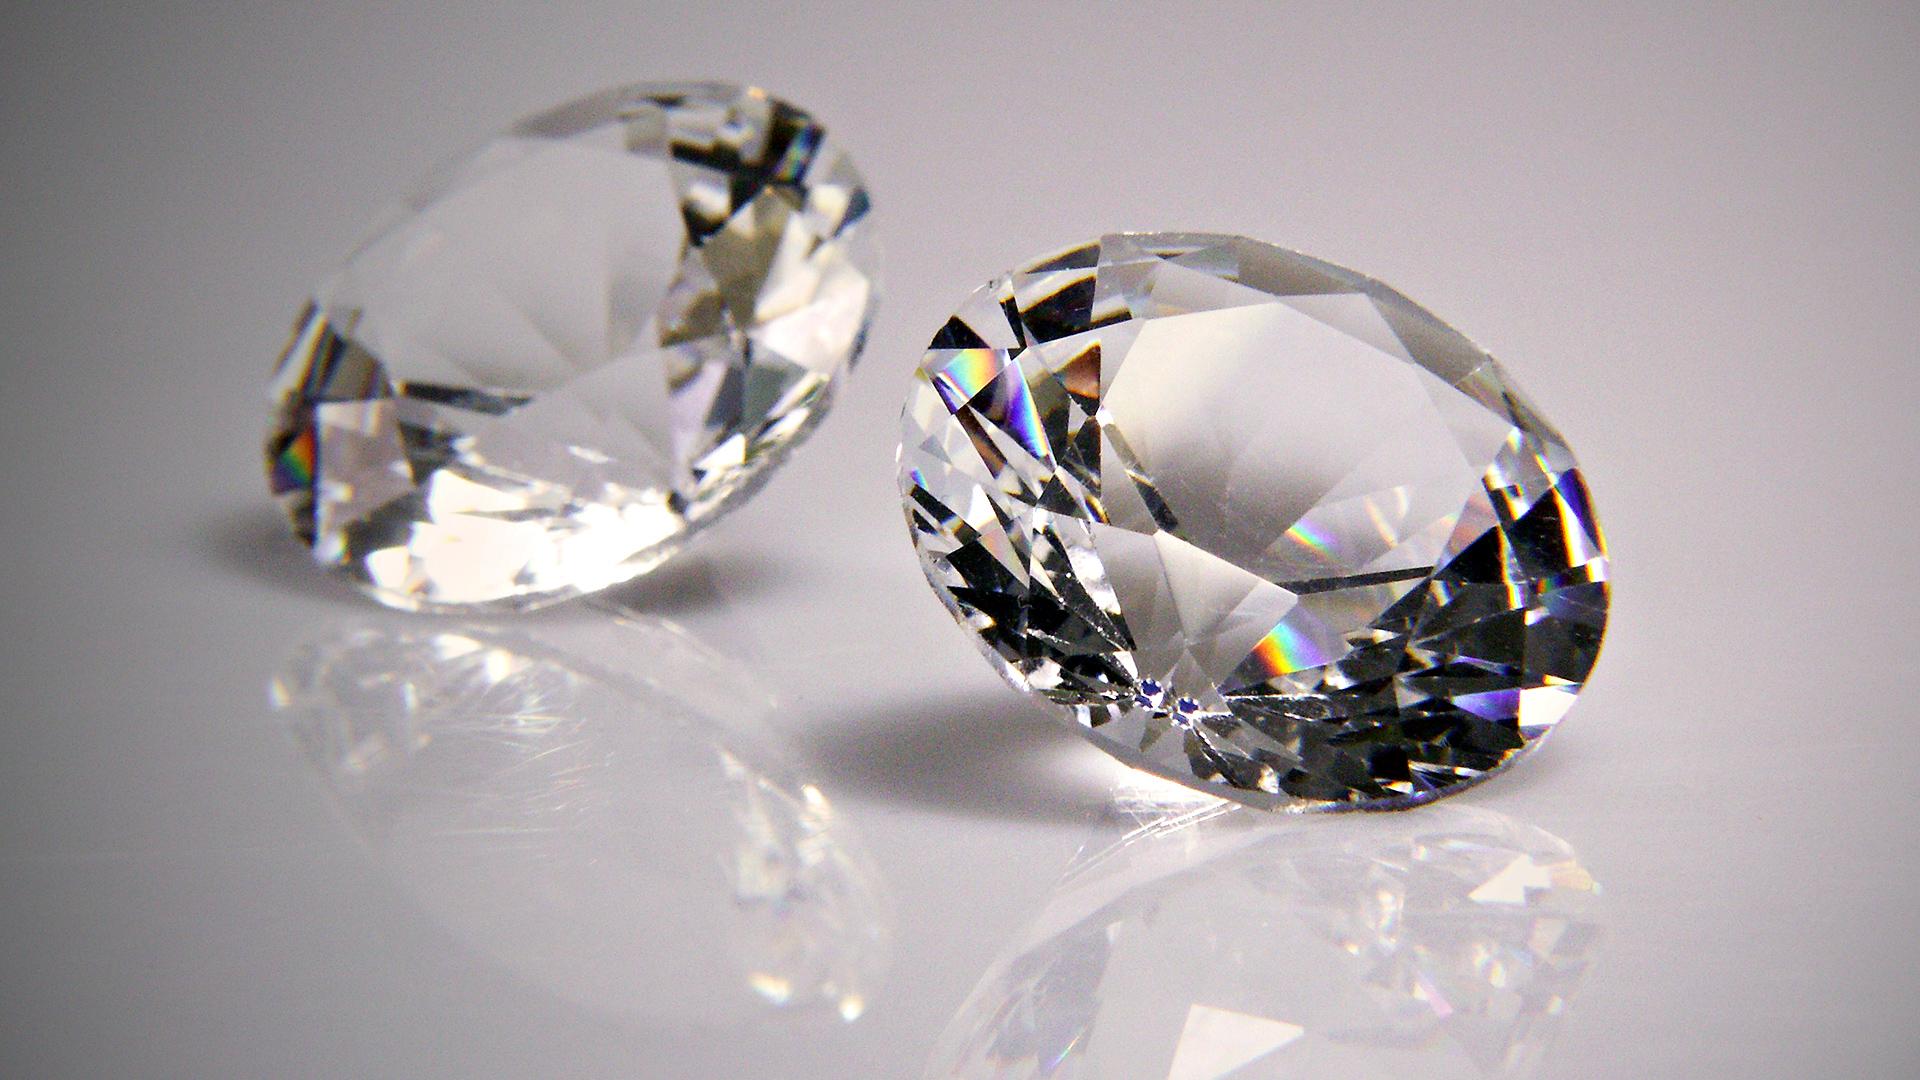 мраморной чаще драгоценности обои на рабочий стол чем участвовать конкурсе